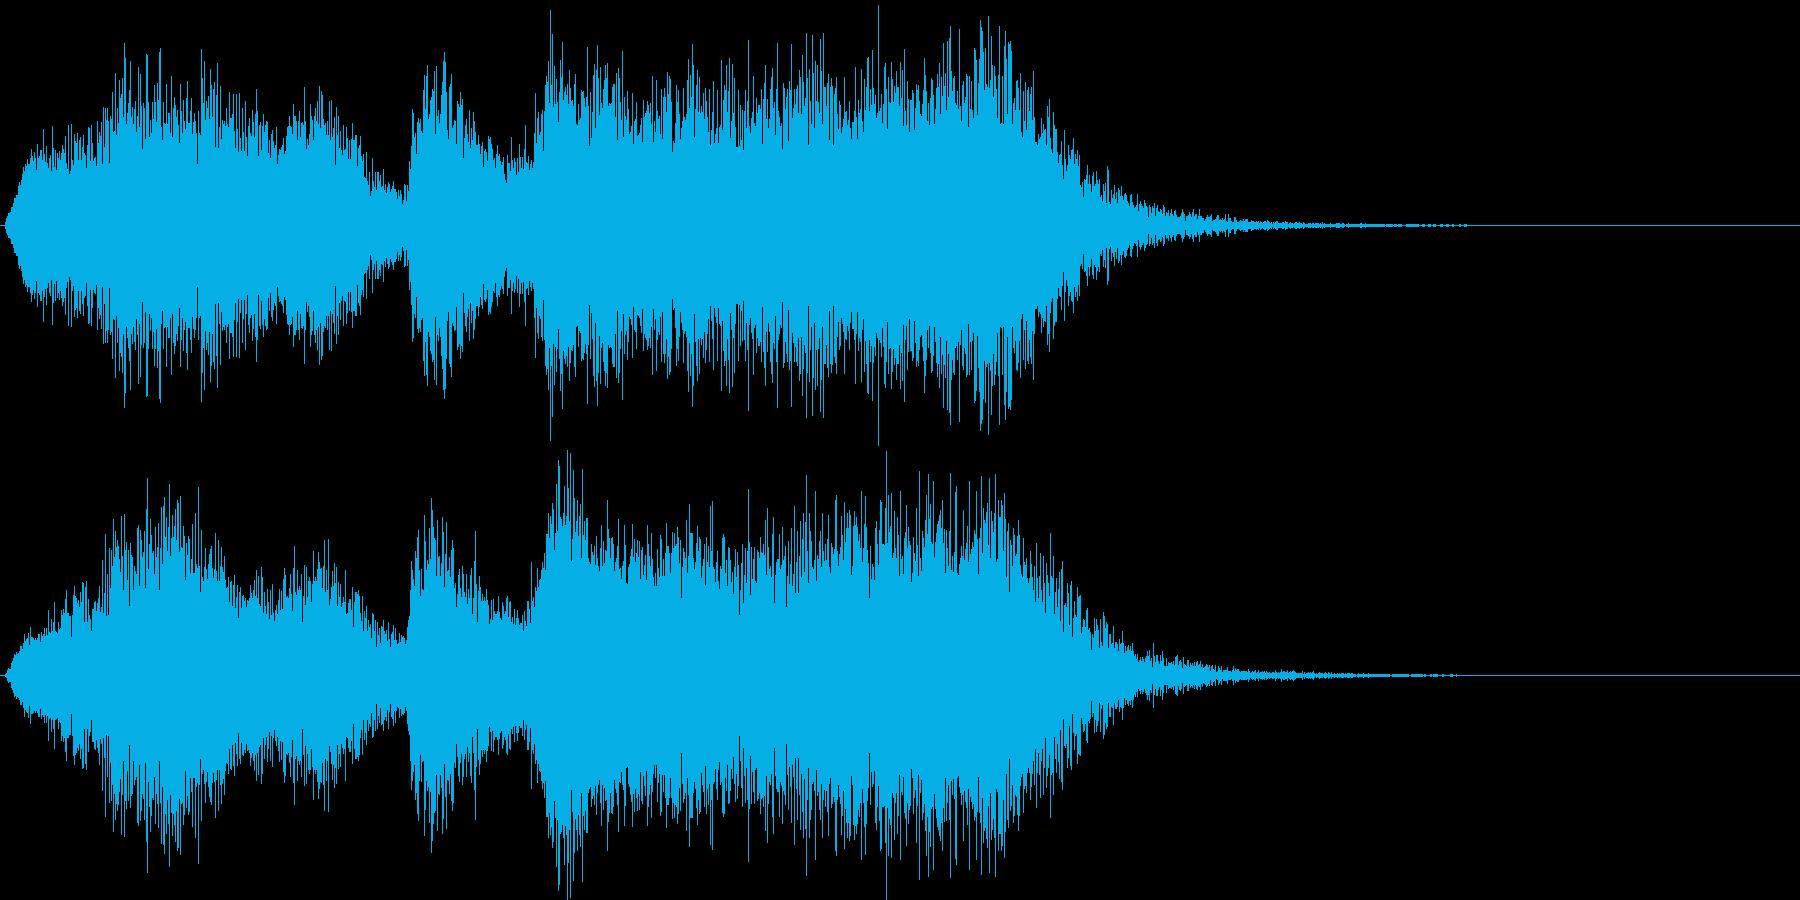 達成感あふれる管弦楽ファンファーレの再生済みの波形